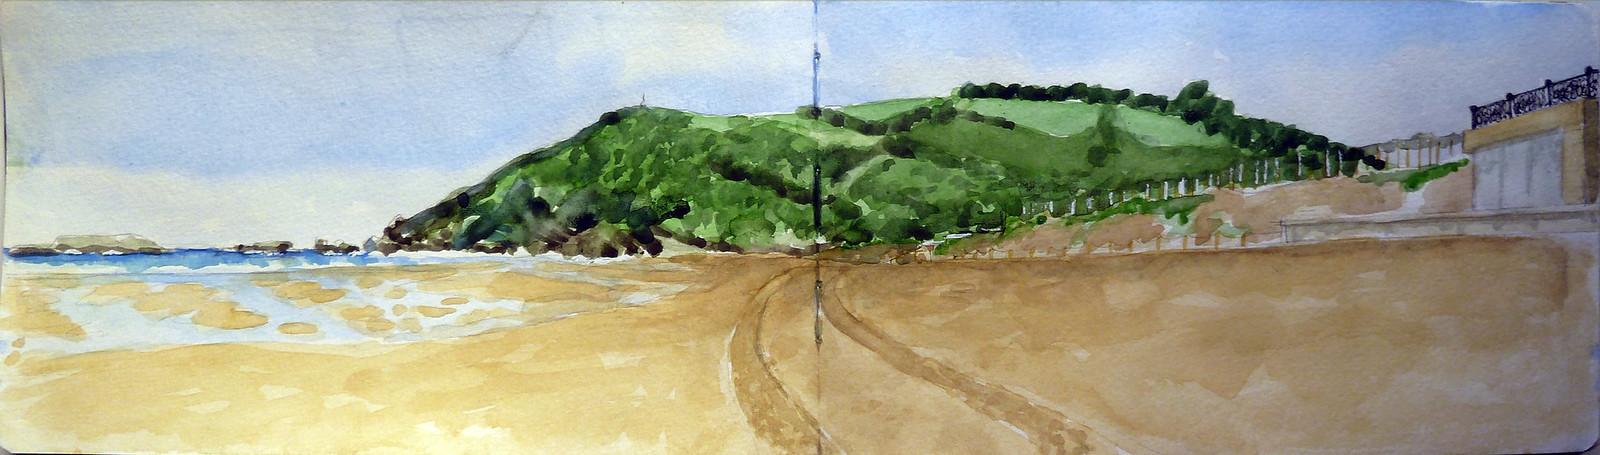 Zarautz, low tide, ( Talaimendi )